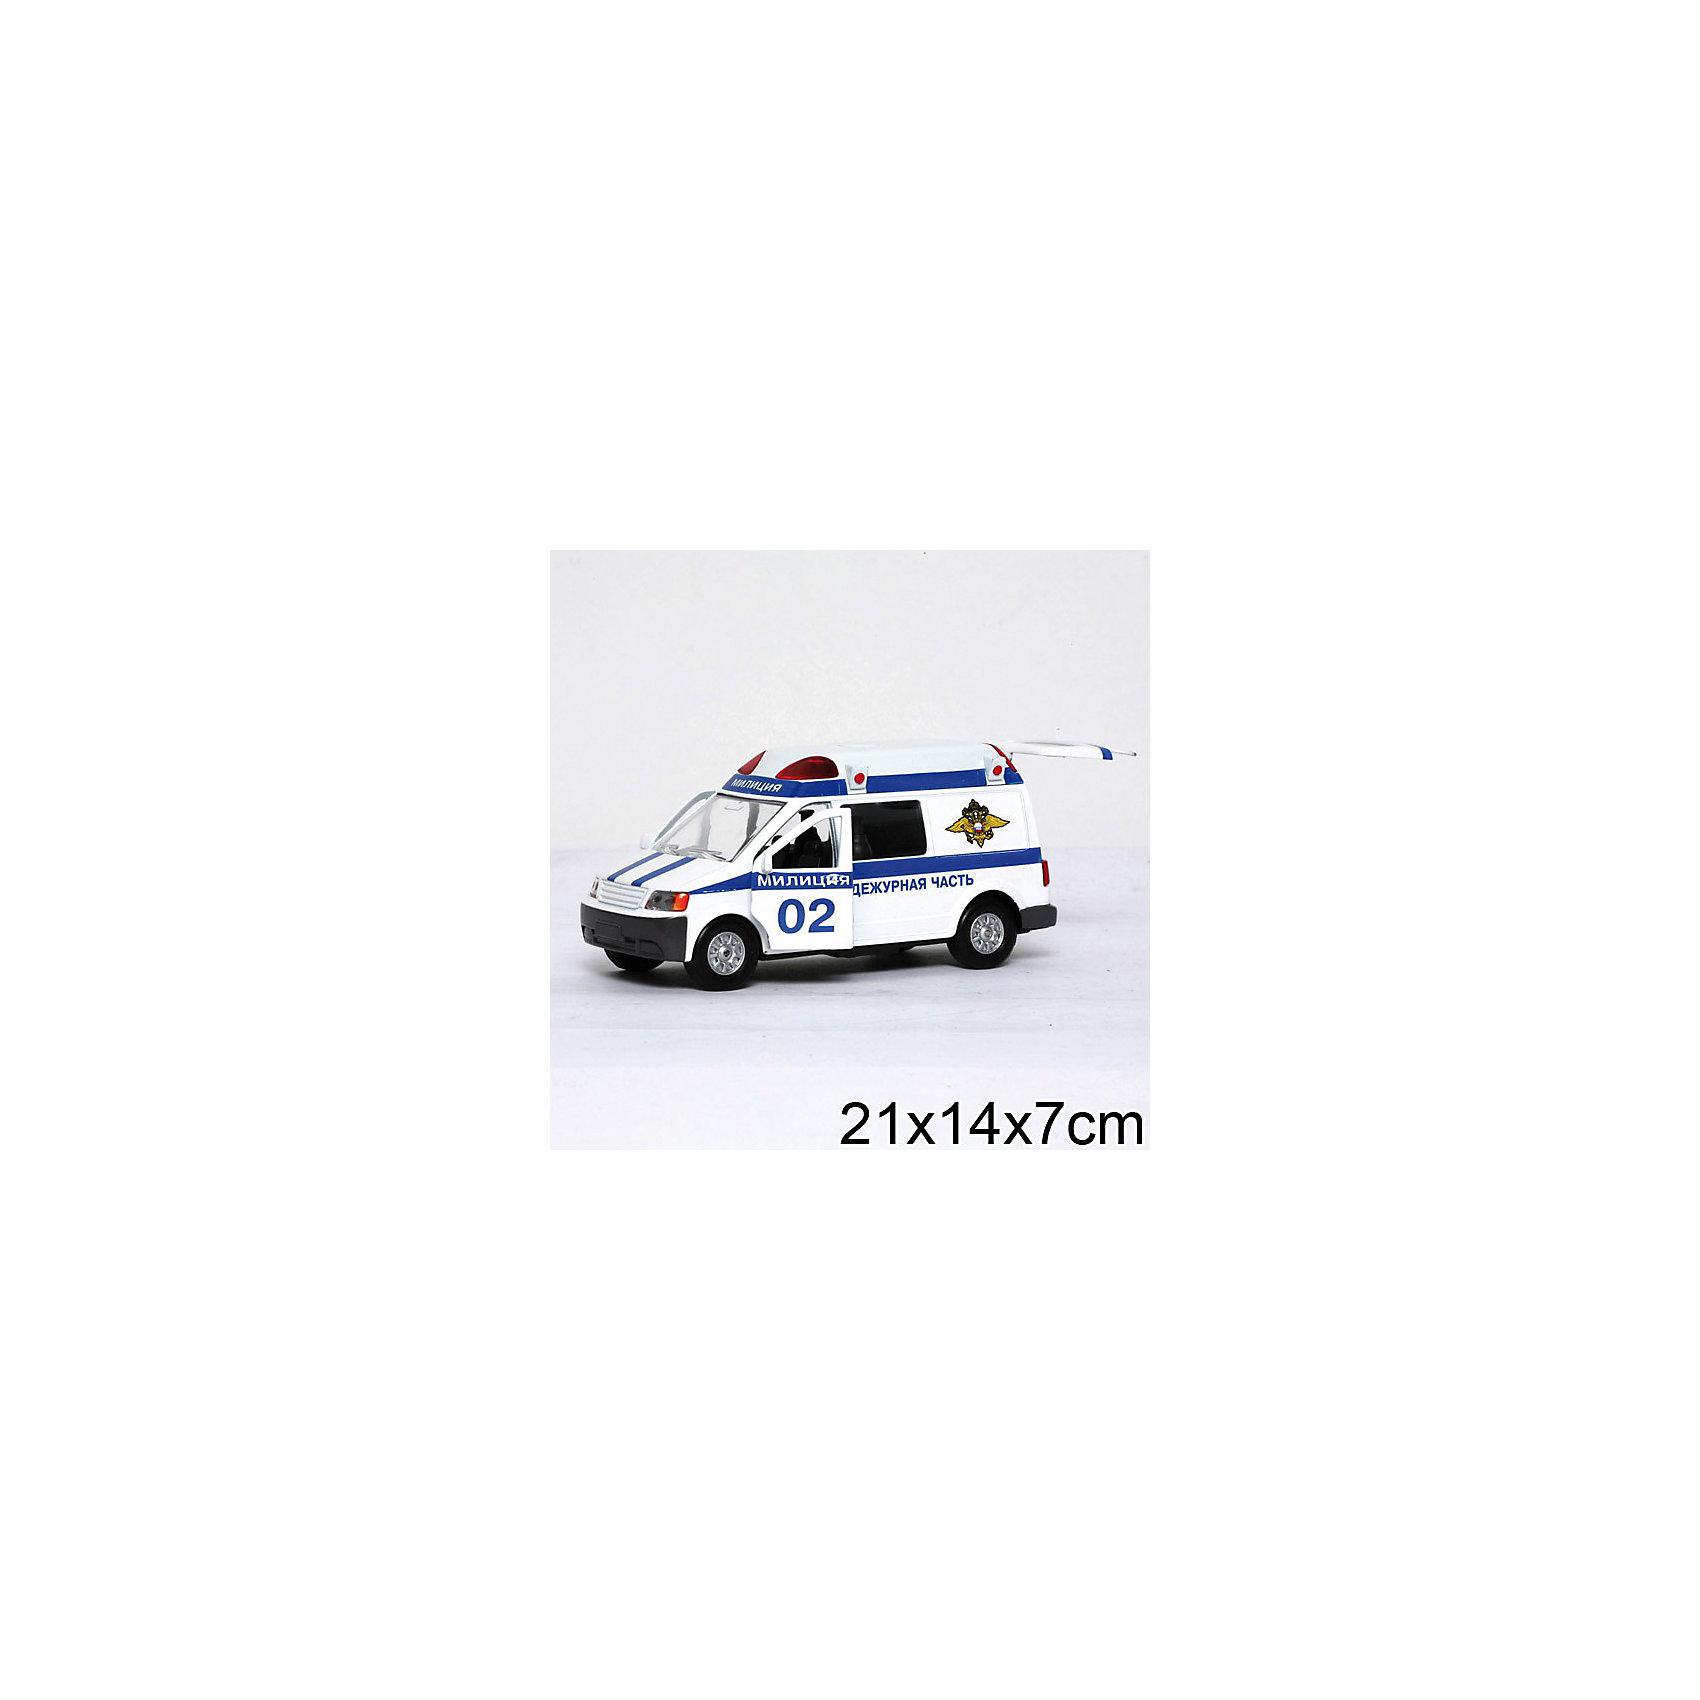 Микроавтобус Милиция, ТЕХНОПАРКМашинки<br>Микроавтобус Милиция, ТЕХНОПАРК разнообразит игры ребенка, а также станет прекрасным дополнением домашней коллекции моделей автомобилей. Милицейская машинка отличается цпециальной цветографической схемой и проблесковыми маяками на крыше, которые при нажатии на кнопку воспроизводят звук и свет.<br><br>Дополнительная информация:<br><br>- размеры: 21 х 14 х 7 см<br>- материал: металл, пластик<br>- инерционный механизм<br>- светоывые и звуковые эффекты<br>- двери и багажник открываются<br>- для воспроизводства световых и звуковых эффектов необходимы батарейки (демонстрационные в комплекте)<br><br>Микроавтобус Милиция, ТЕХНОПАРК можно купить в нашем магазине.<br><br>Ширина мм: 80<br>Глубина мм: 210<br>Высота мм: 150<br>Вес г: 300<br>Возраст от месяцев: 36<br>Возраст до месяцев: 120<br>Пол: Мужской<br>Возраст: Детский<br>SKU: 2149058